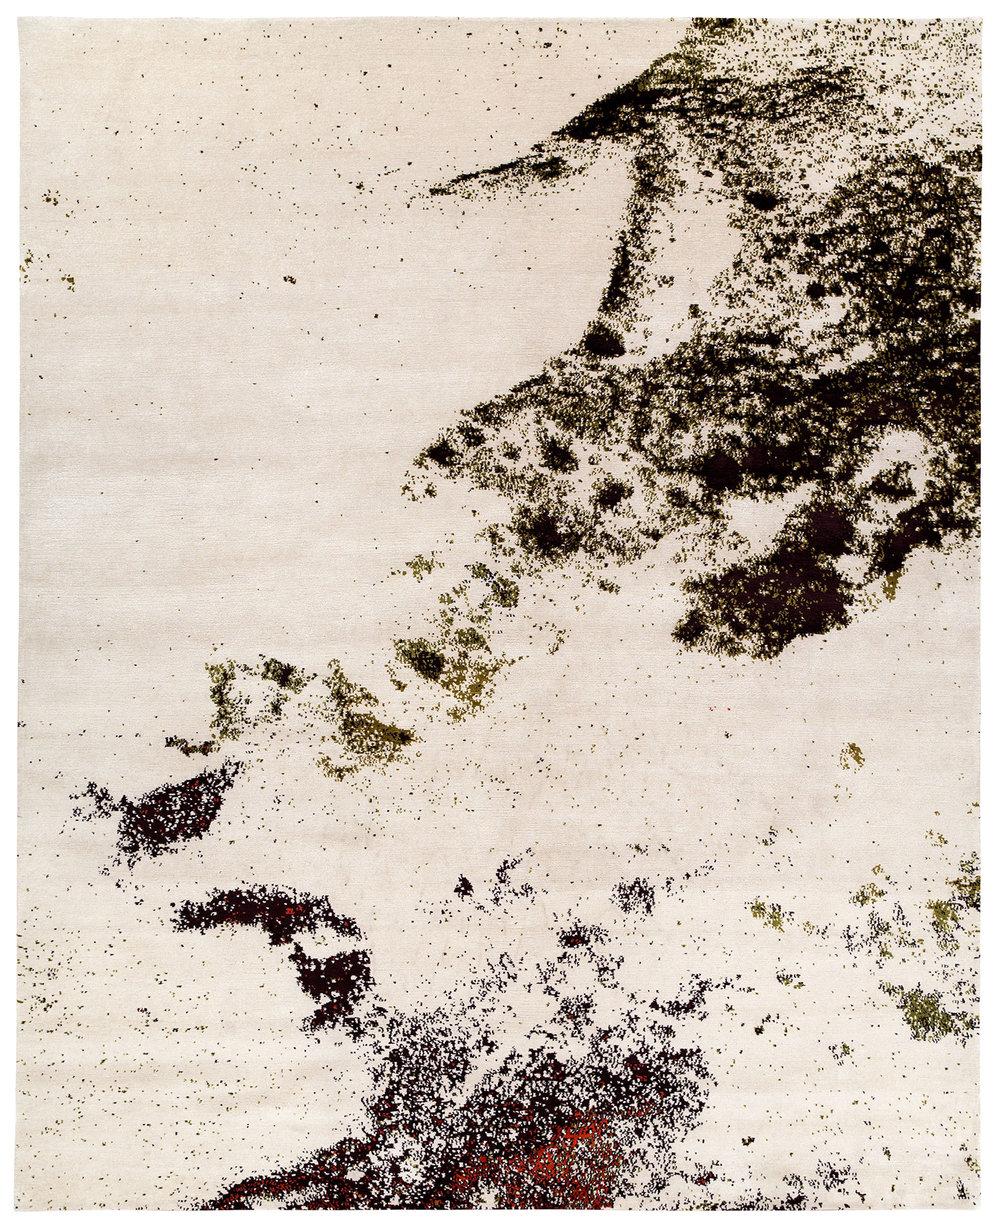 Zen Spill